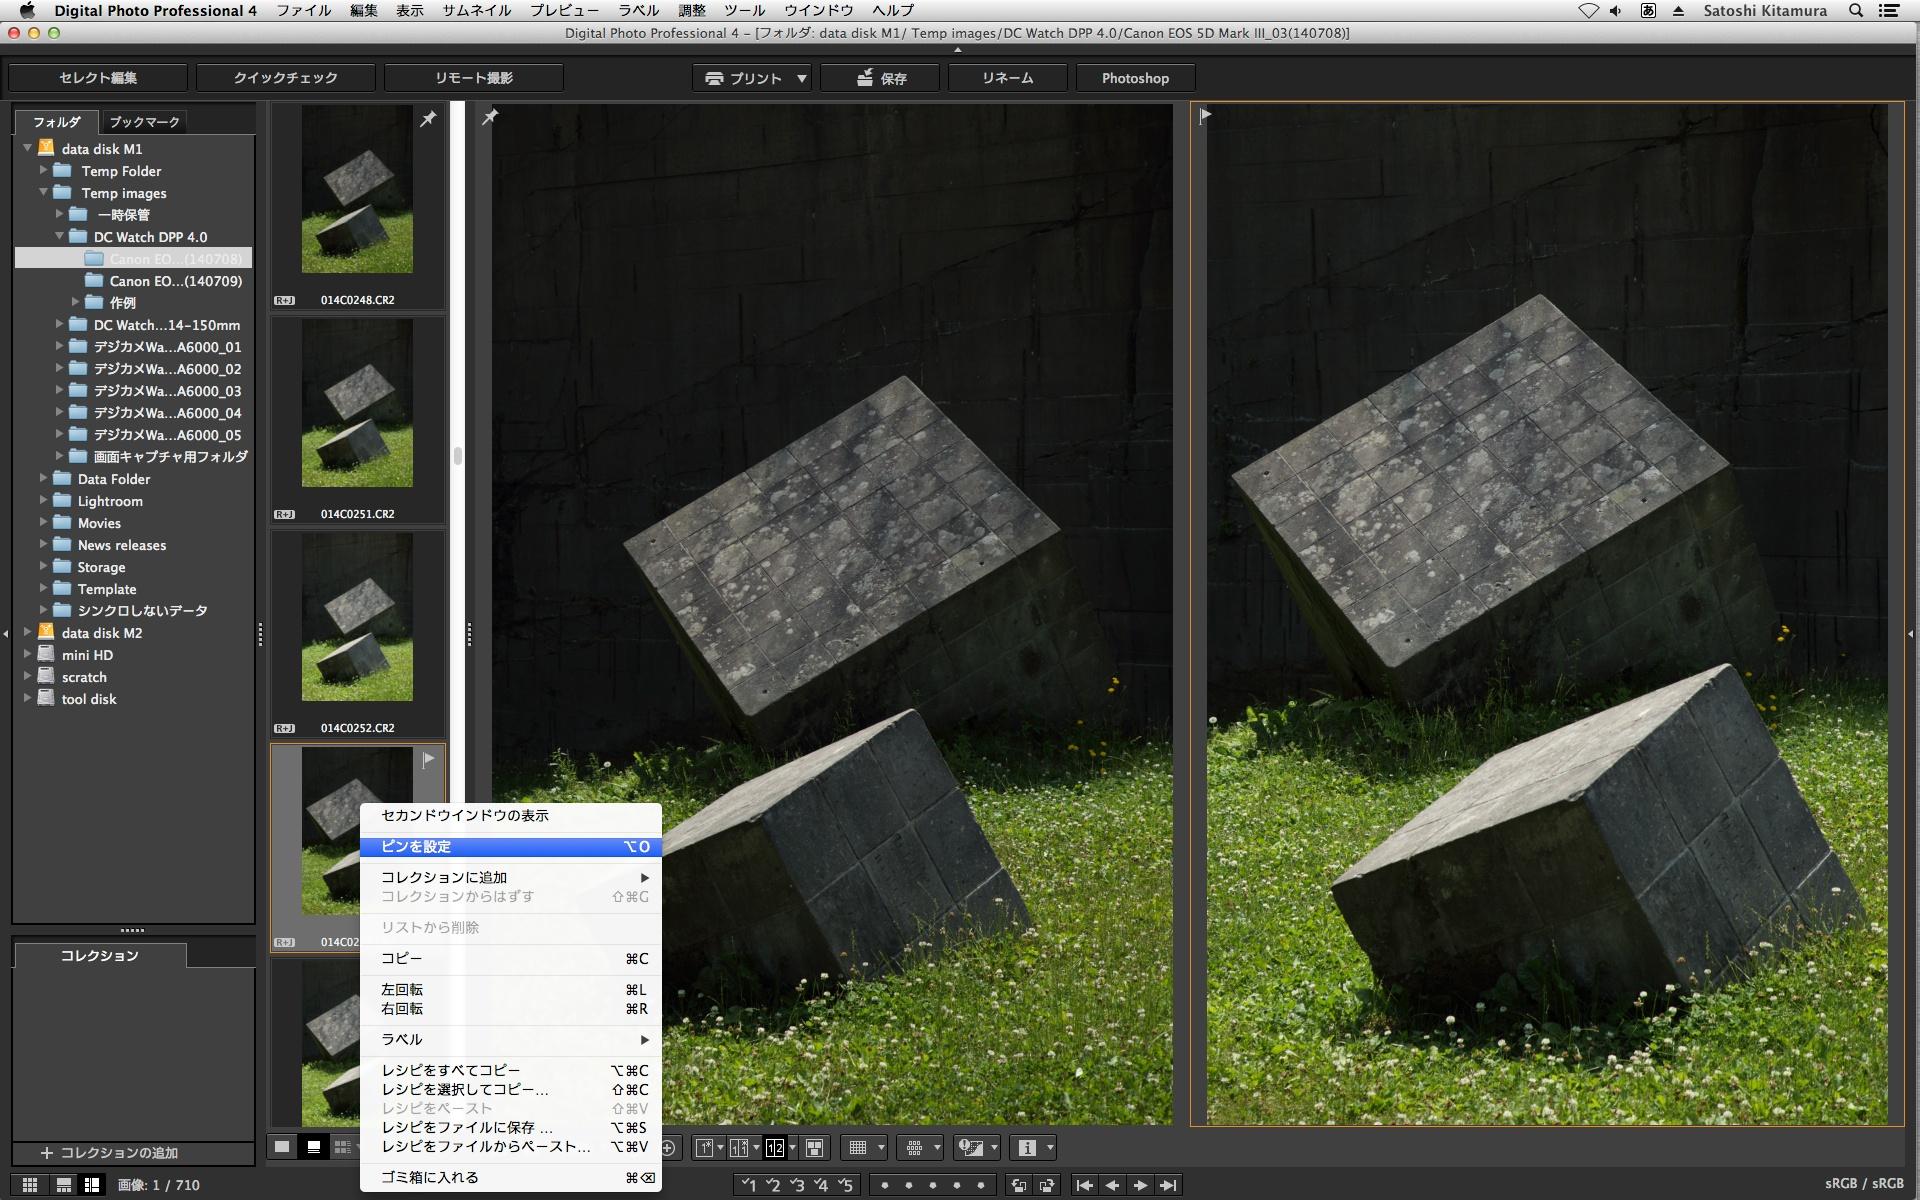 サムネイルを右クリックして「ピンを設定」すると、その画像を固定しての「勝ち抜きセレクト」作業ができる。